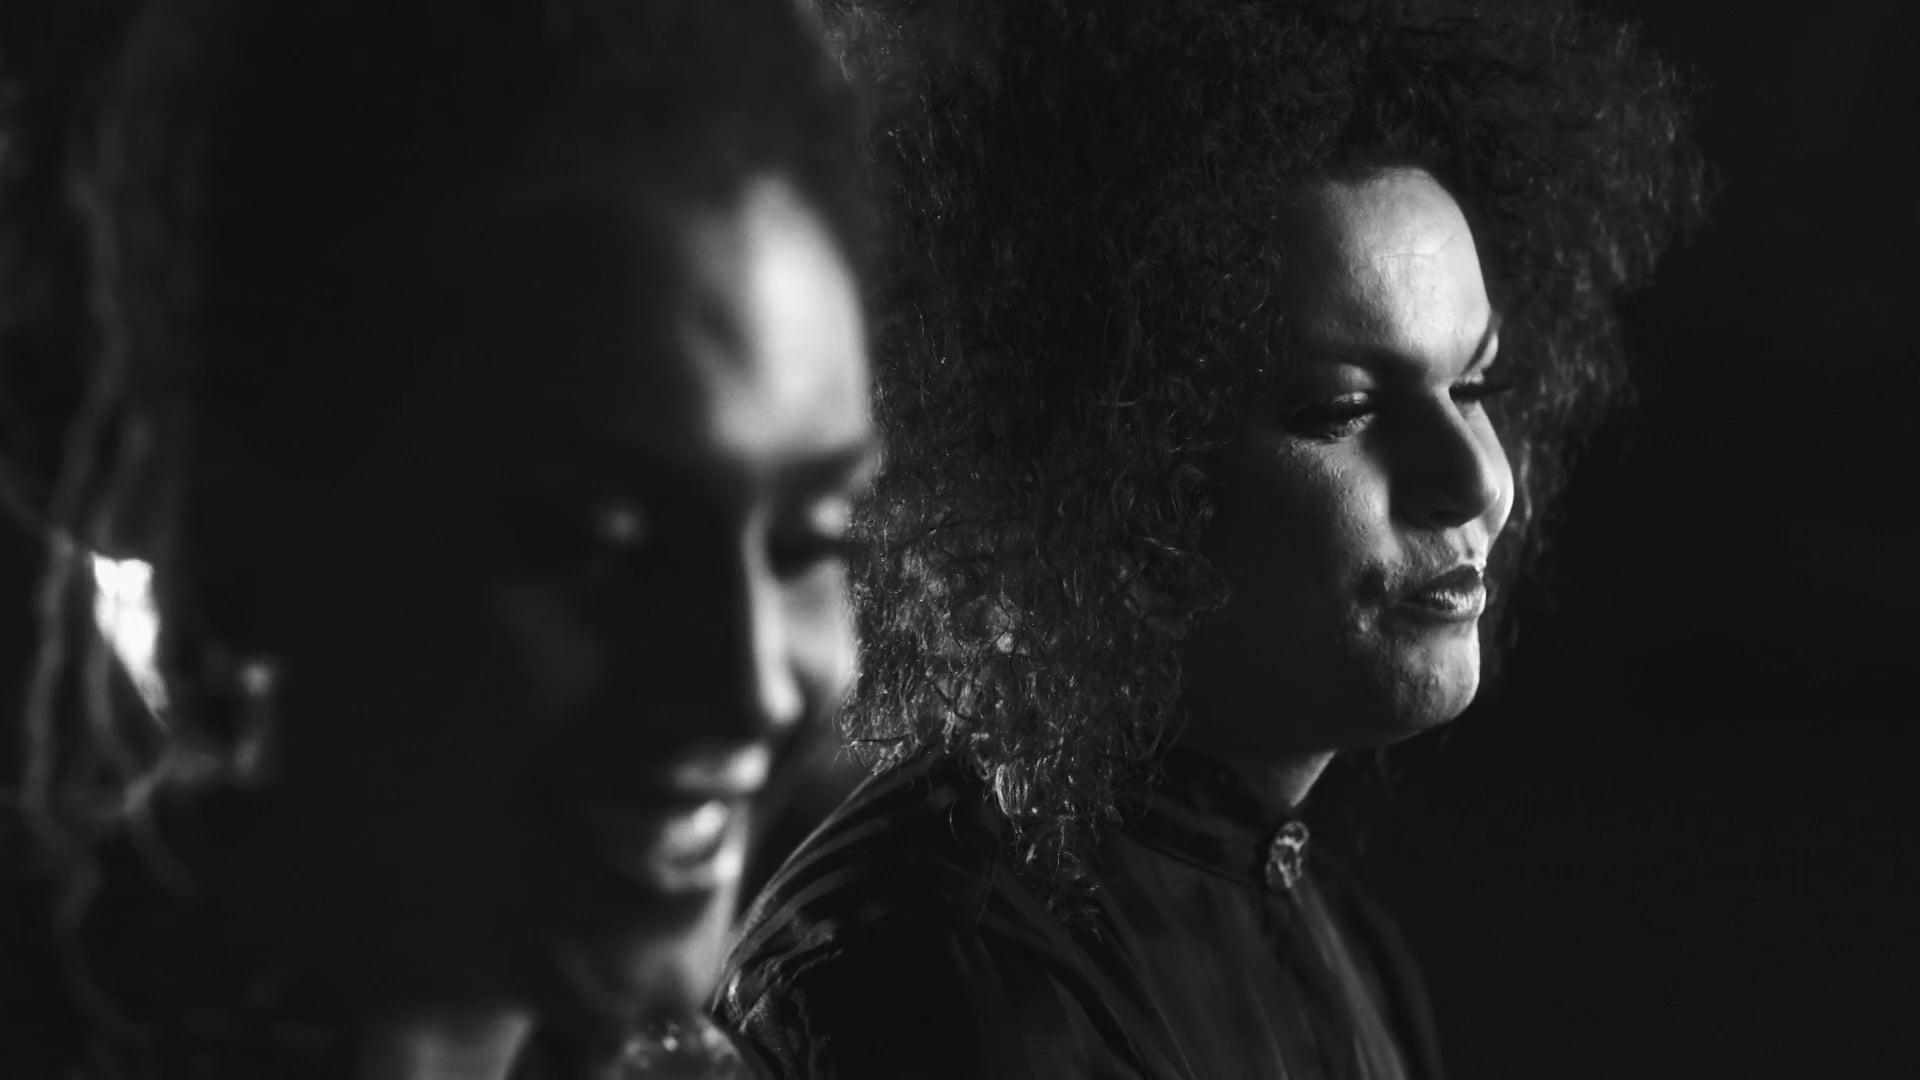 Cantoras do Brasil - Série de TV - Canal Brasil - Temporada 06 - Ep: As Bahias e a Cozinha Mineira